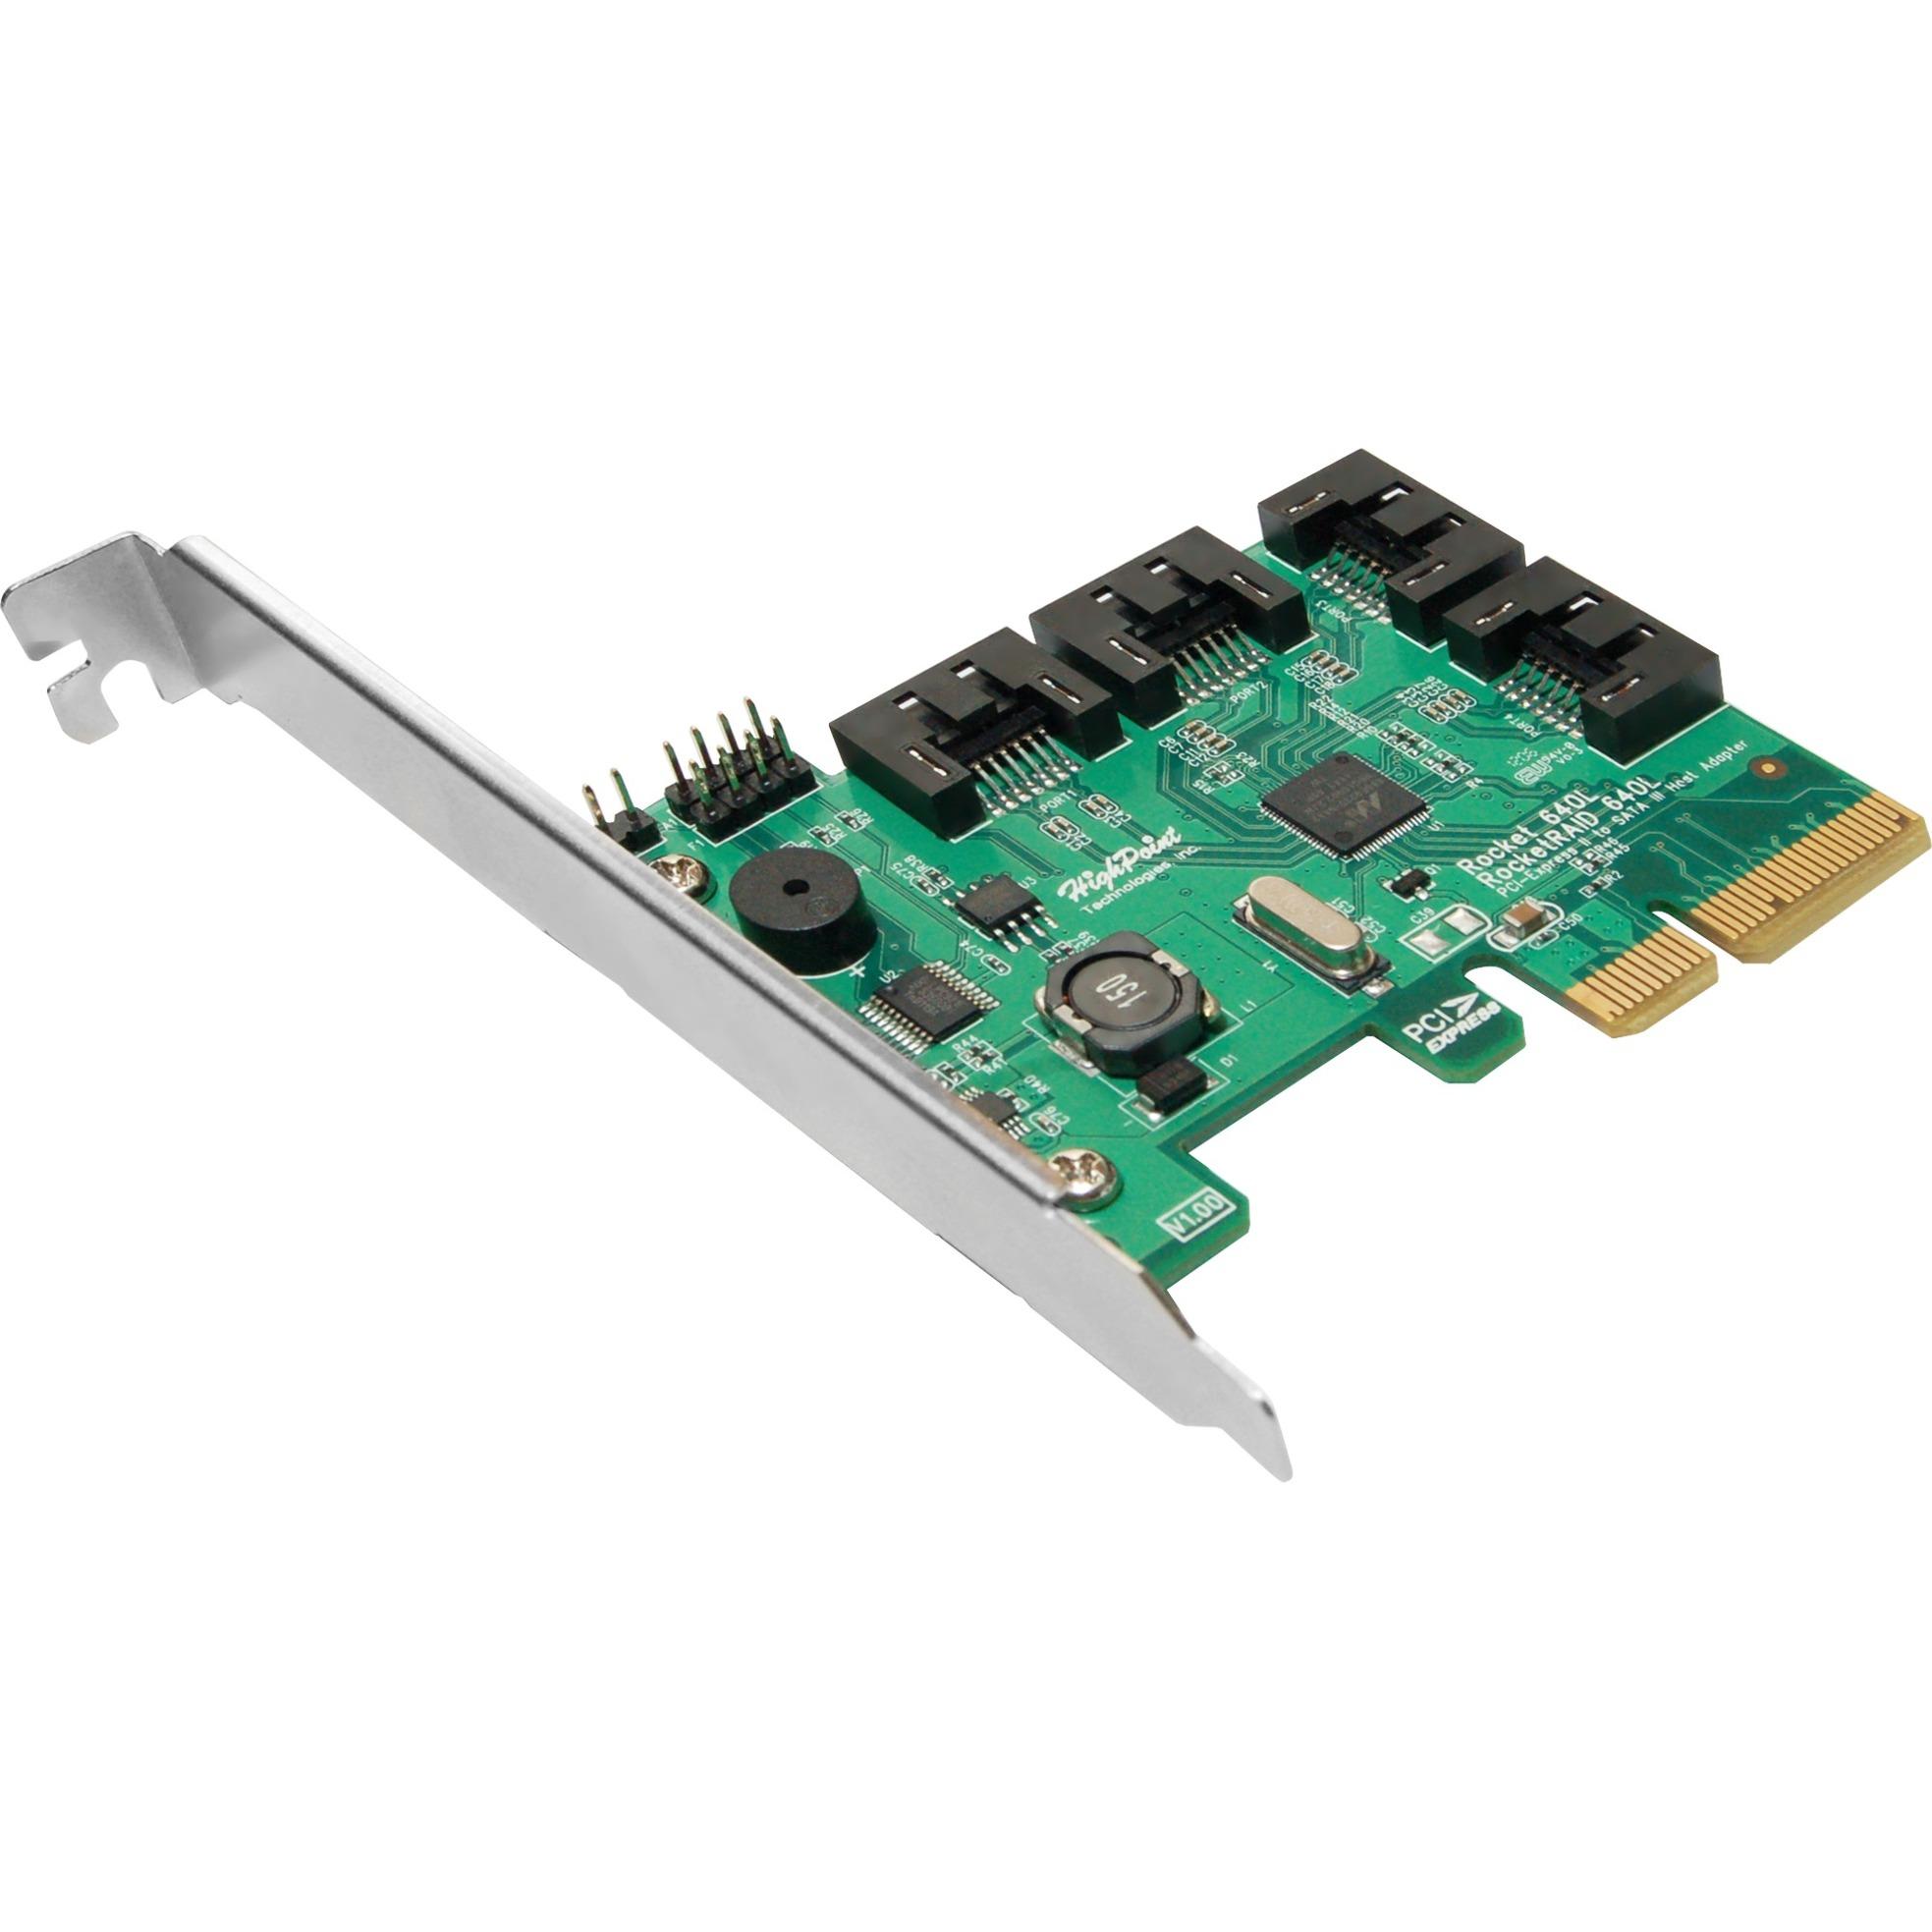 RocketRAID 640L tarjeta y adaptador de interfaz SATA Interno, Controlador ATA serie